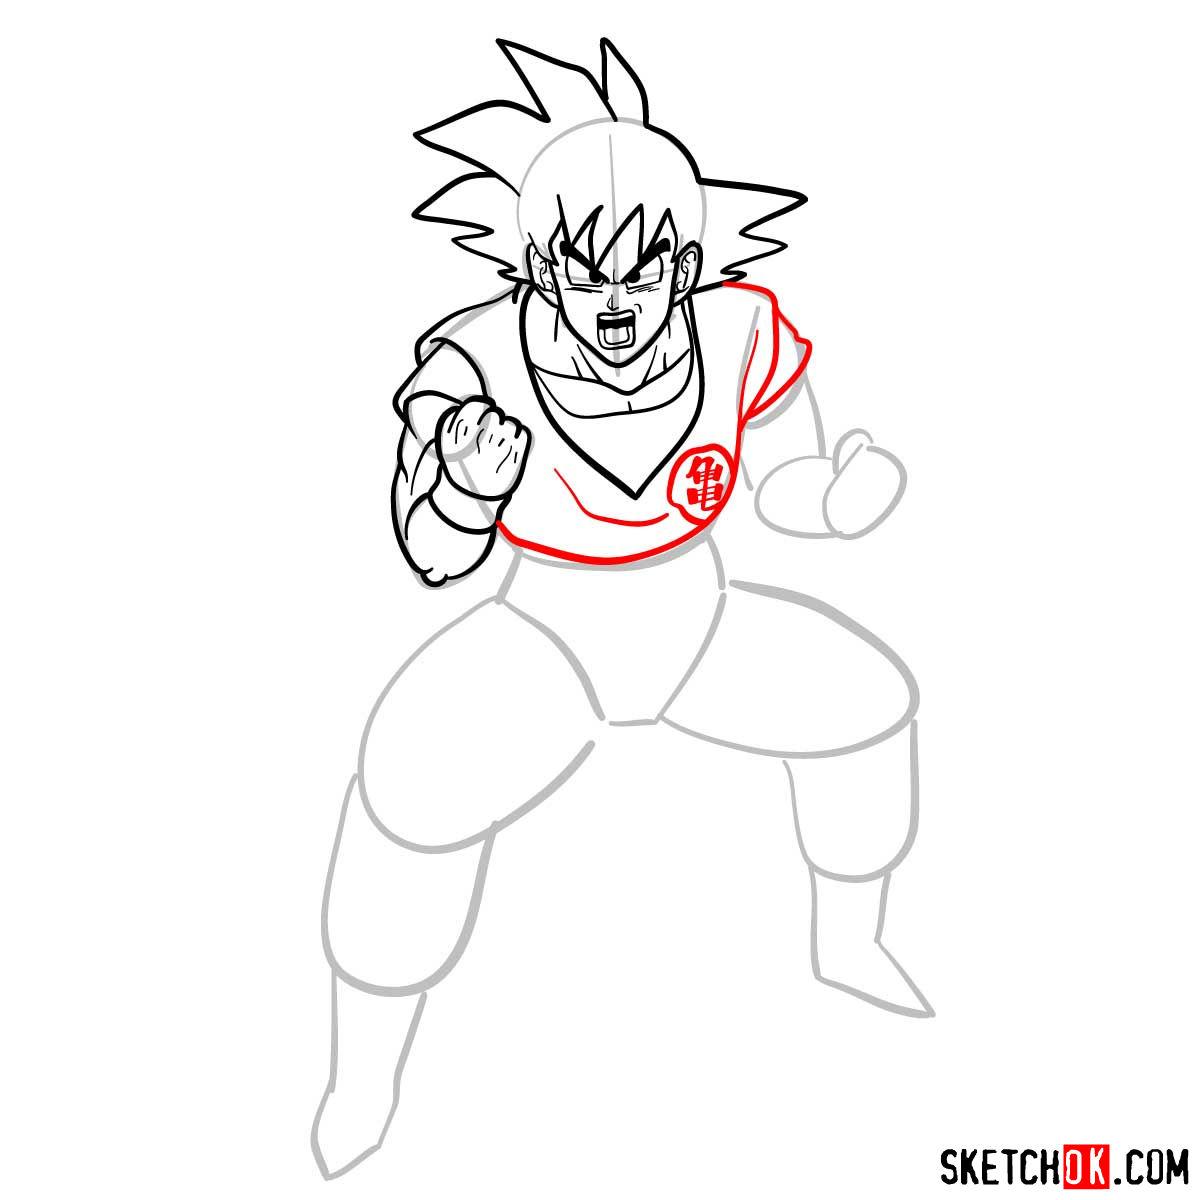 How to draw Goku | Dragon Ball anime - step 10